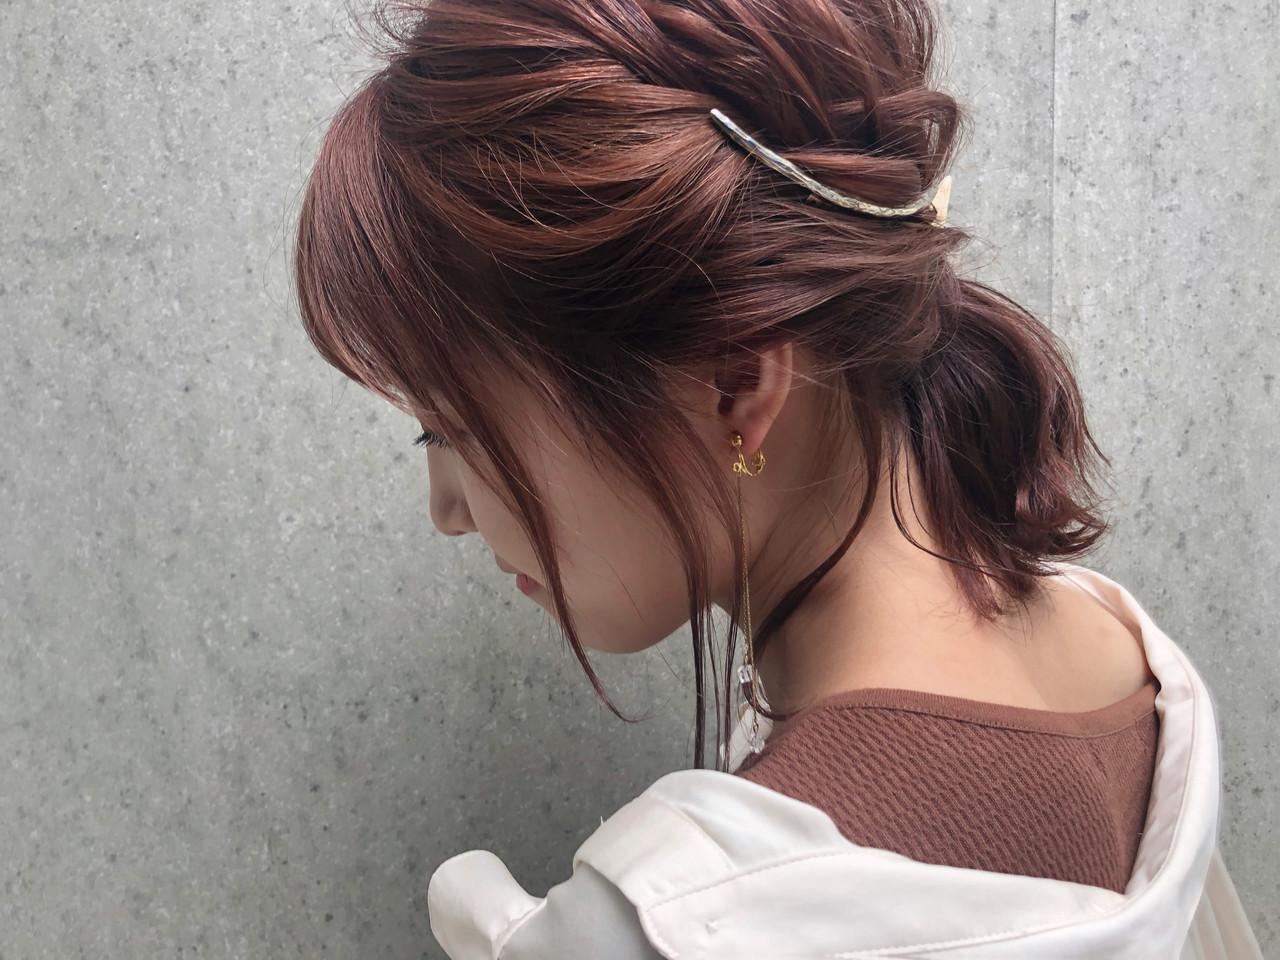 ショートヘア 切りっぱなしボブ ウルフカット ショートボブ ヘアスタイルや髪型の写真・画像